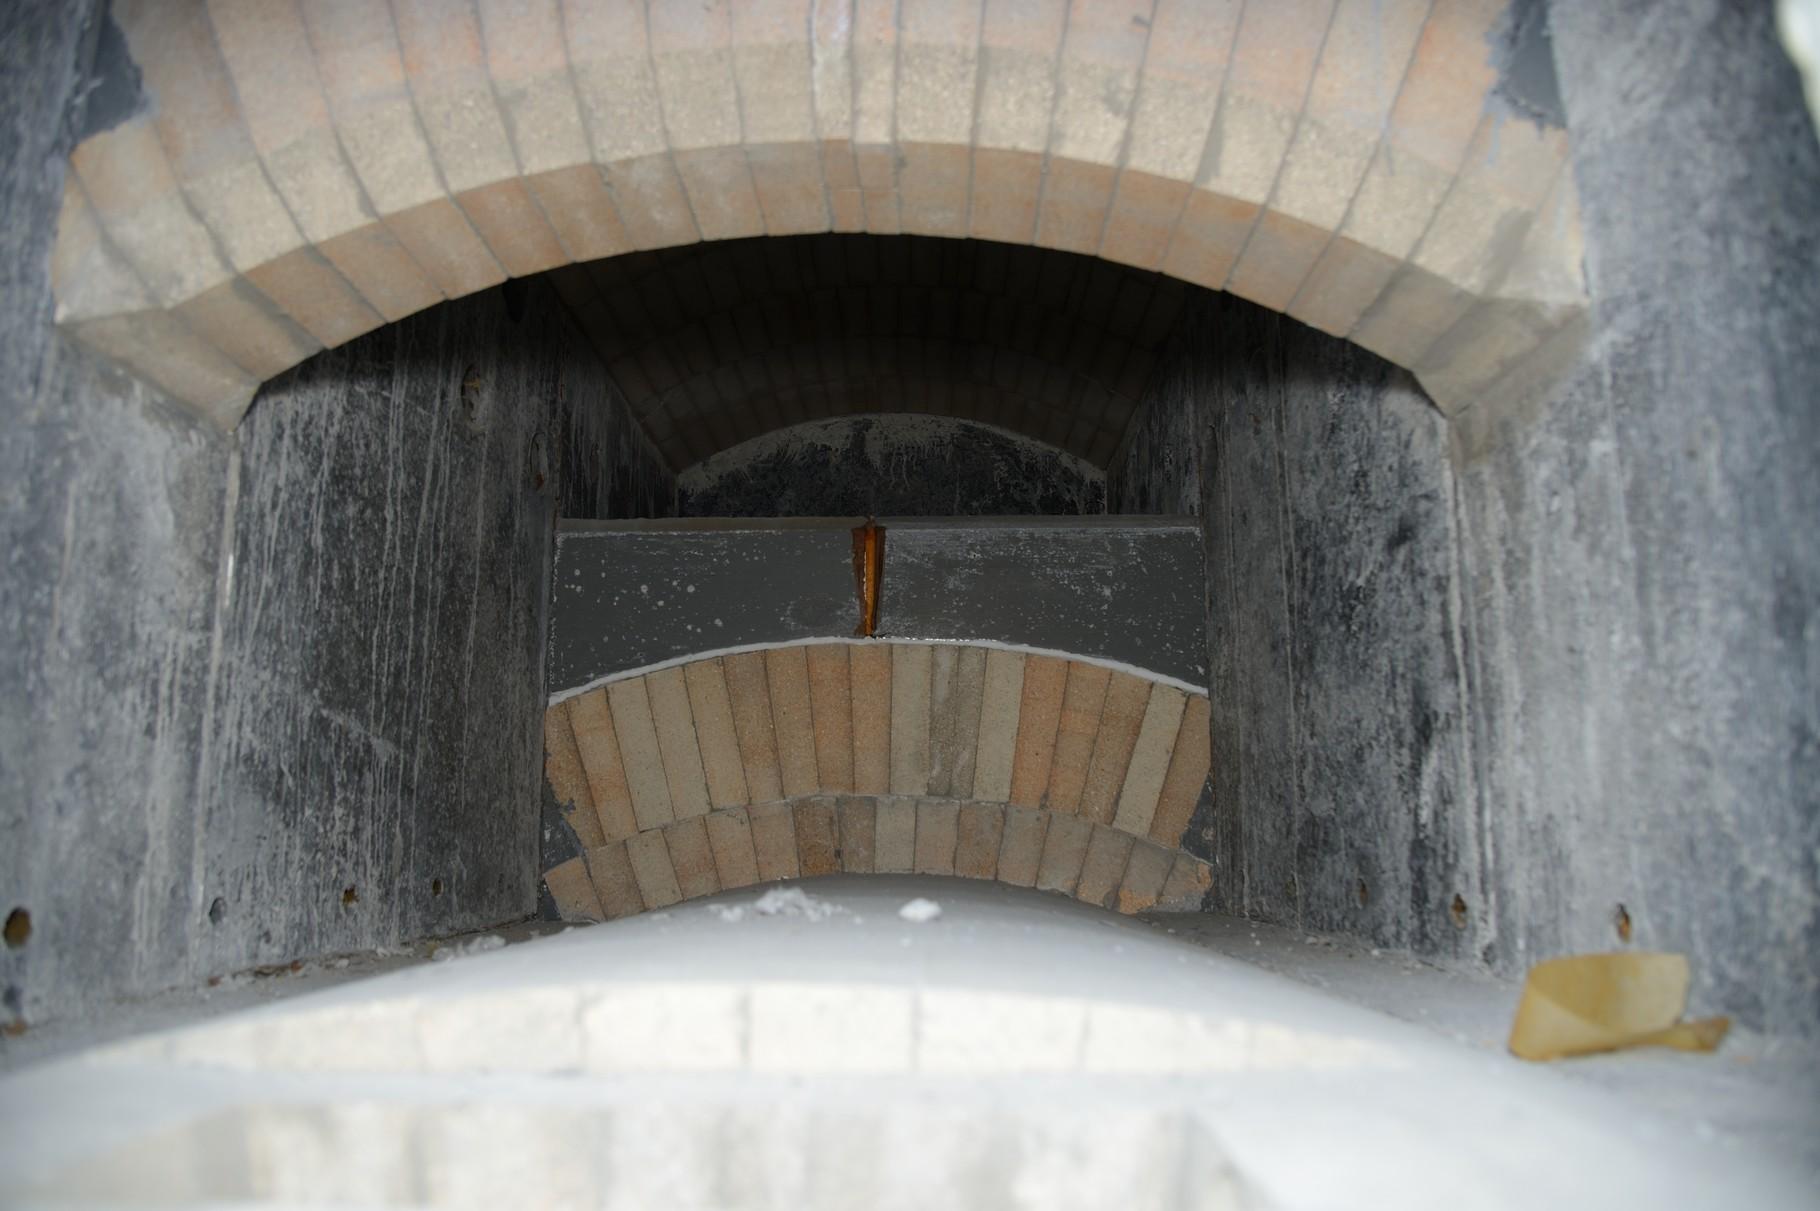 Gewölbe über Brennkammer